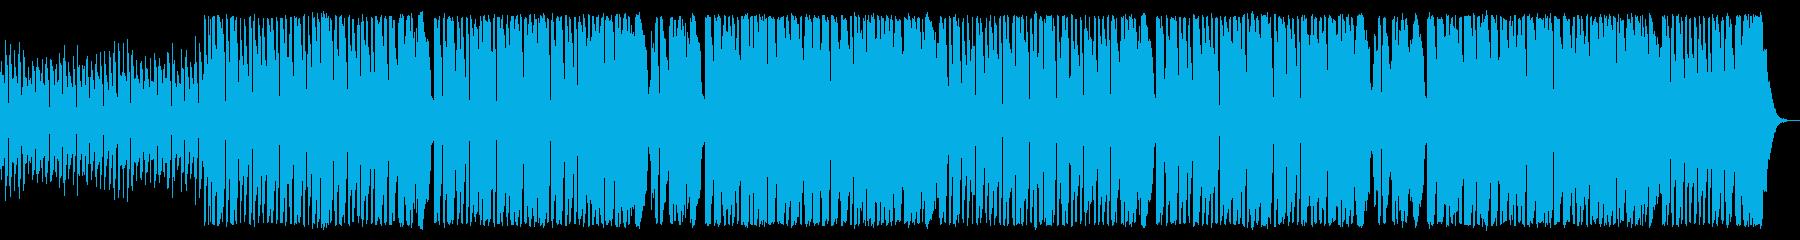 コミカルで落ち着きのないワルツ調フルートの再生済みの波形